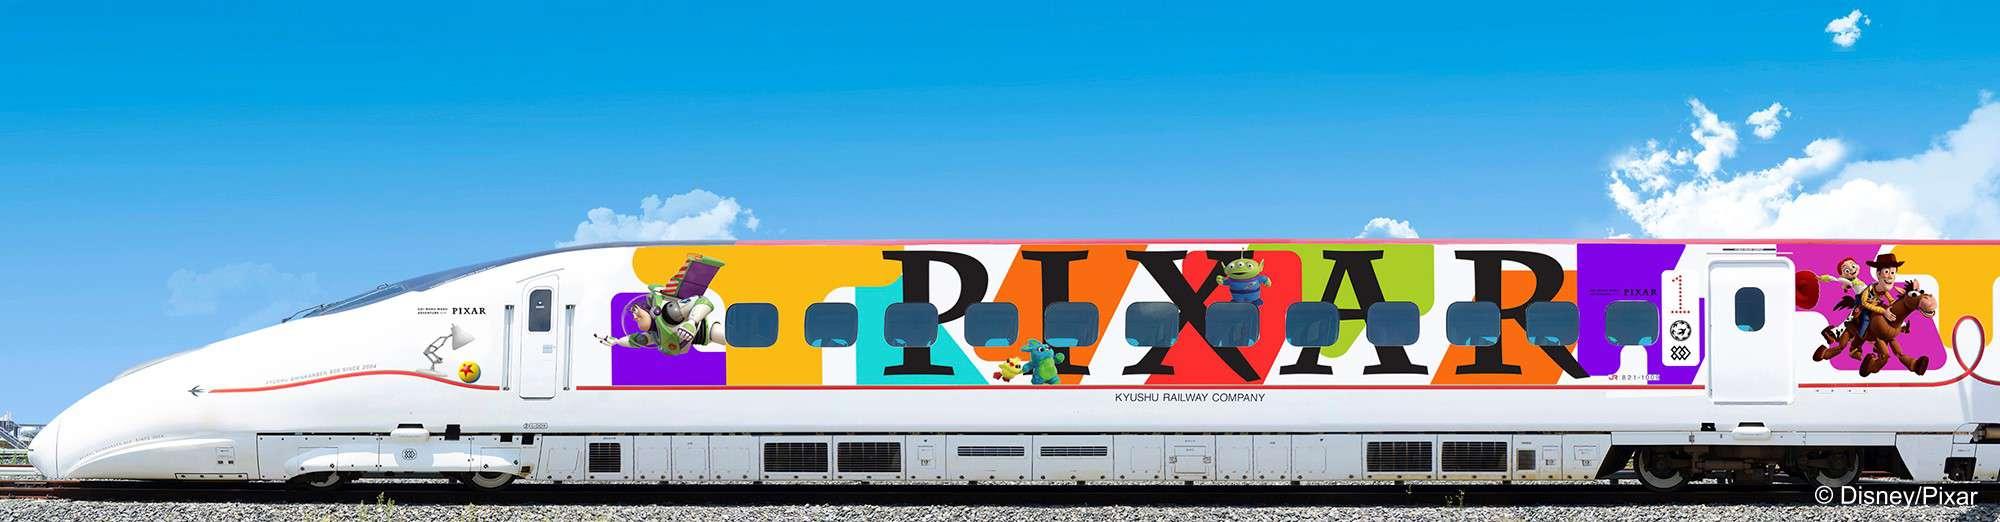 ขบวนรถไฟ JR Kyushu และ Toy Story